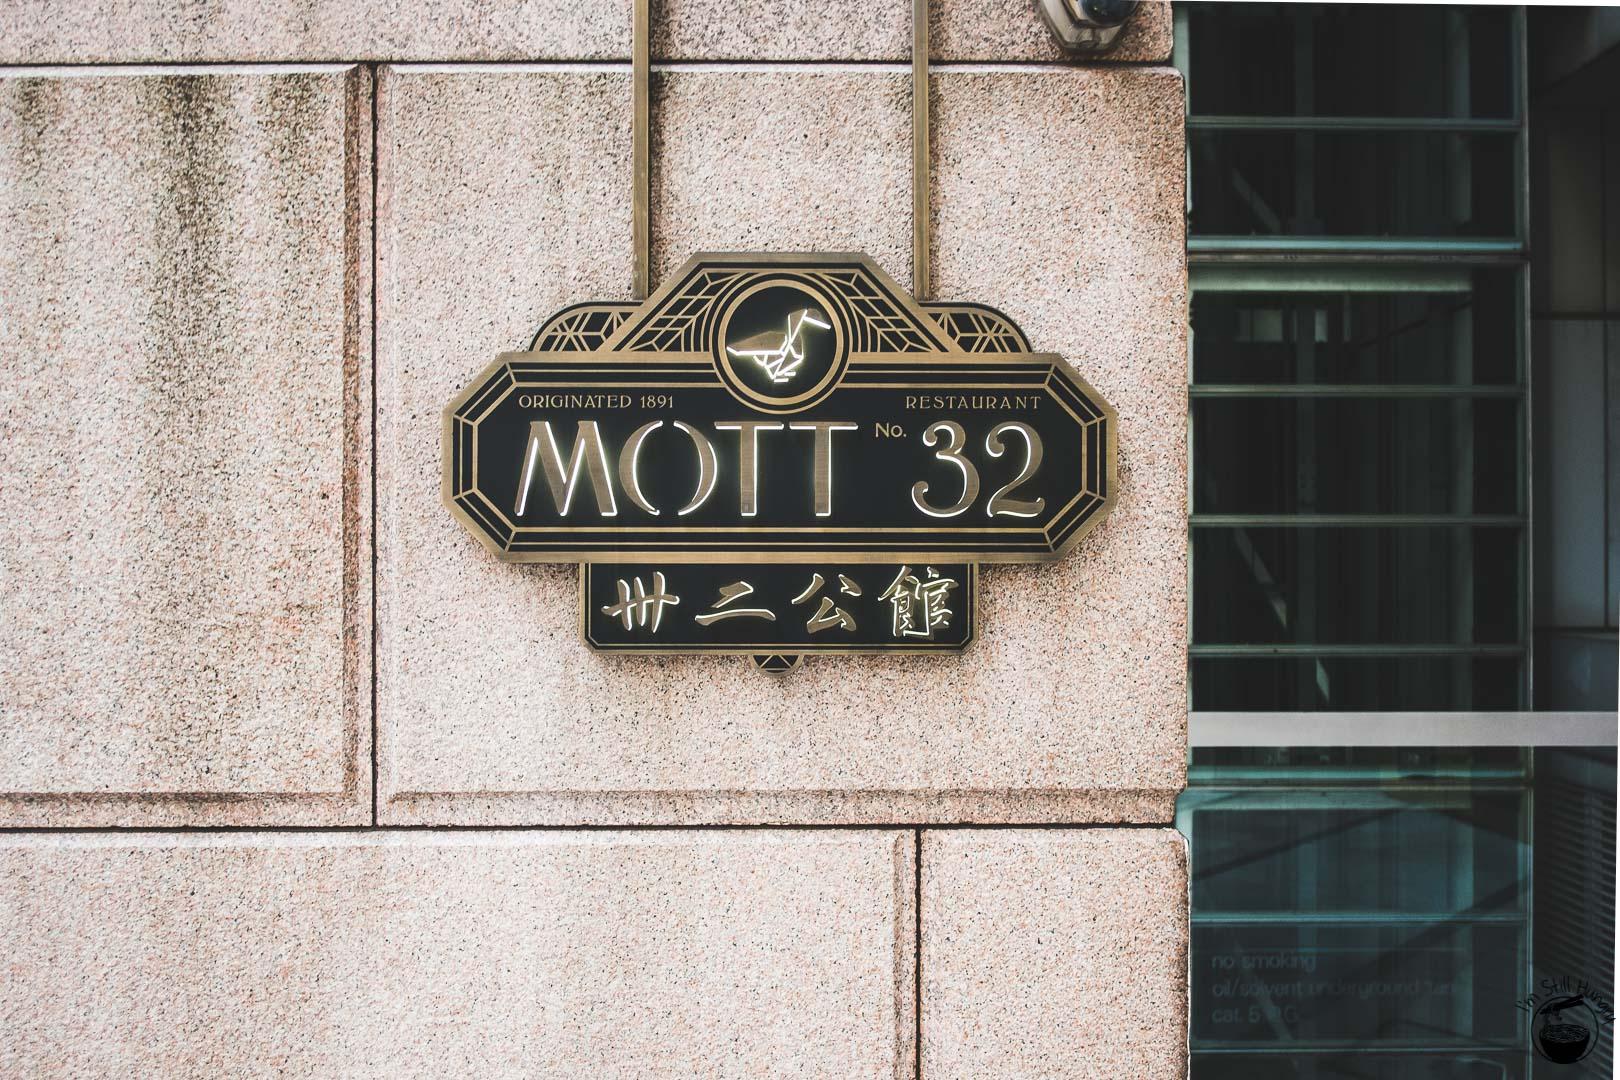 Mott 32 Hong Kong Peking Duck